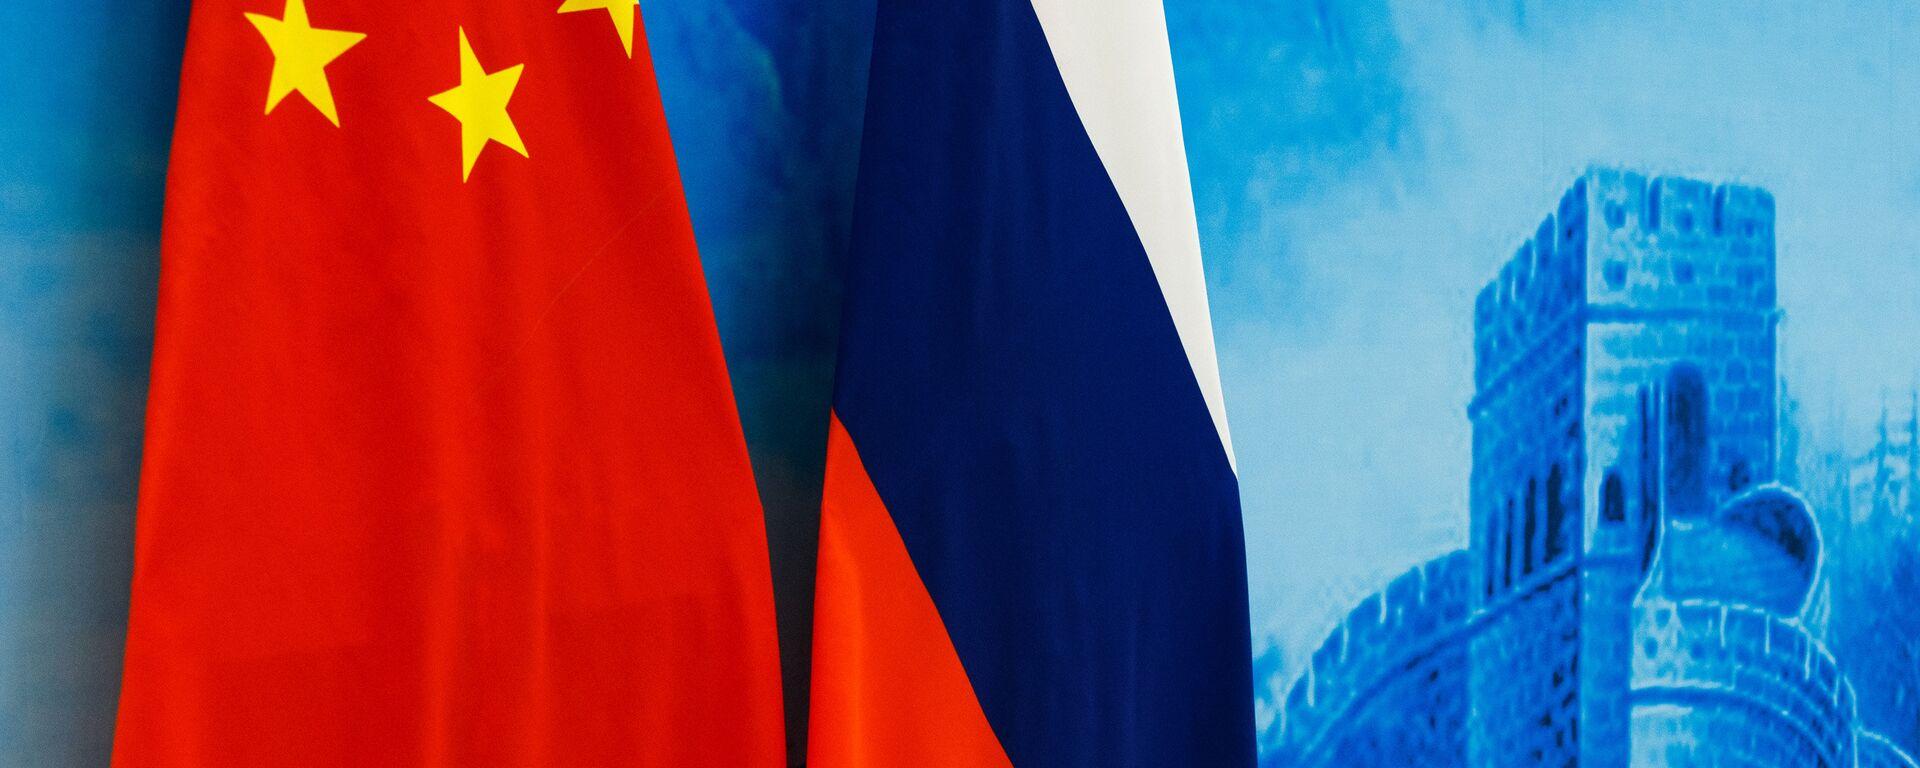 Las banderas de Rusia y China - Sputnik Mundo, 1920, 22.01.2021